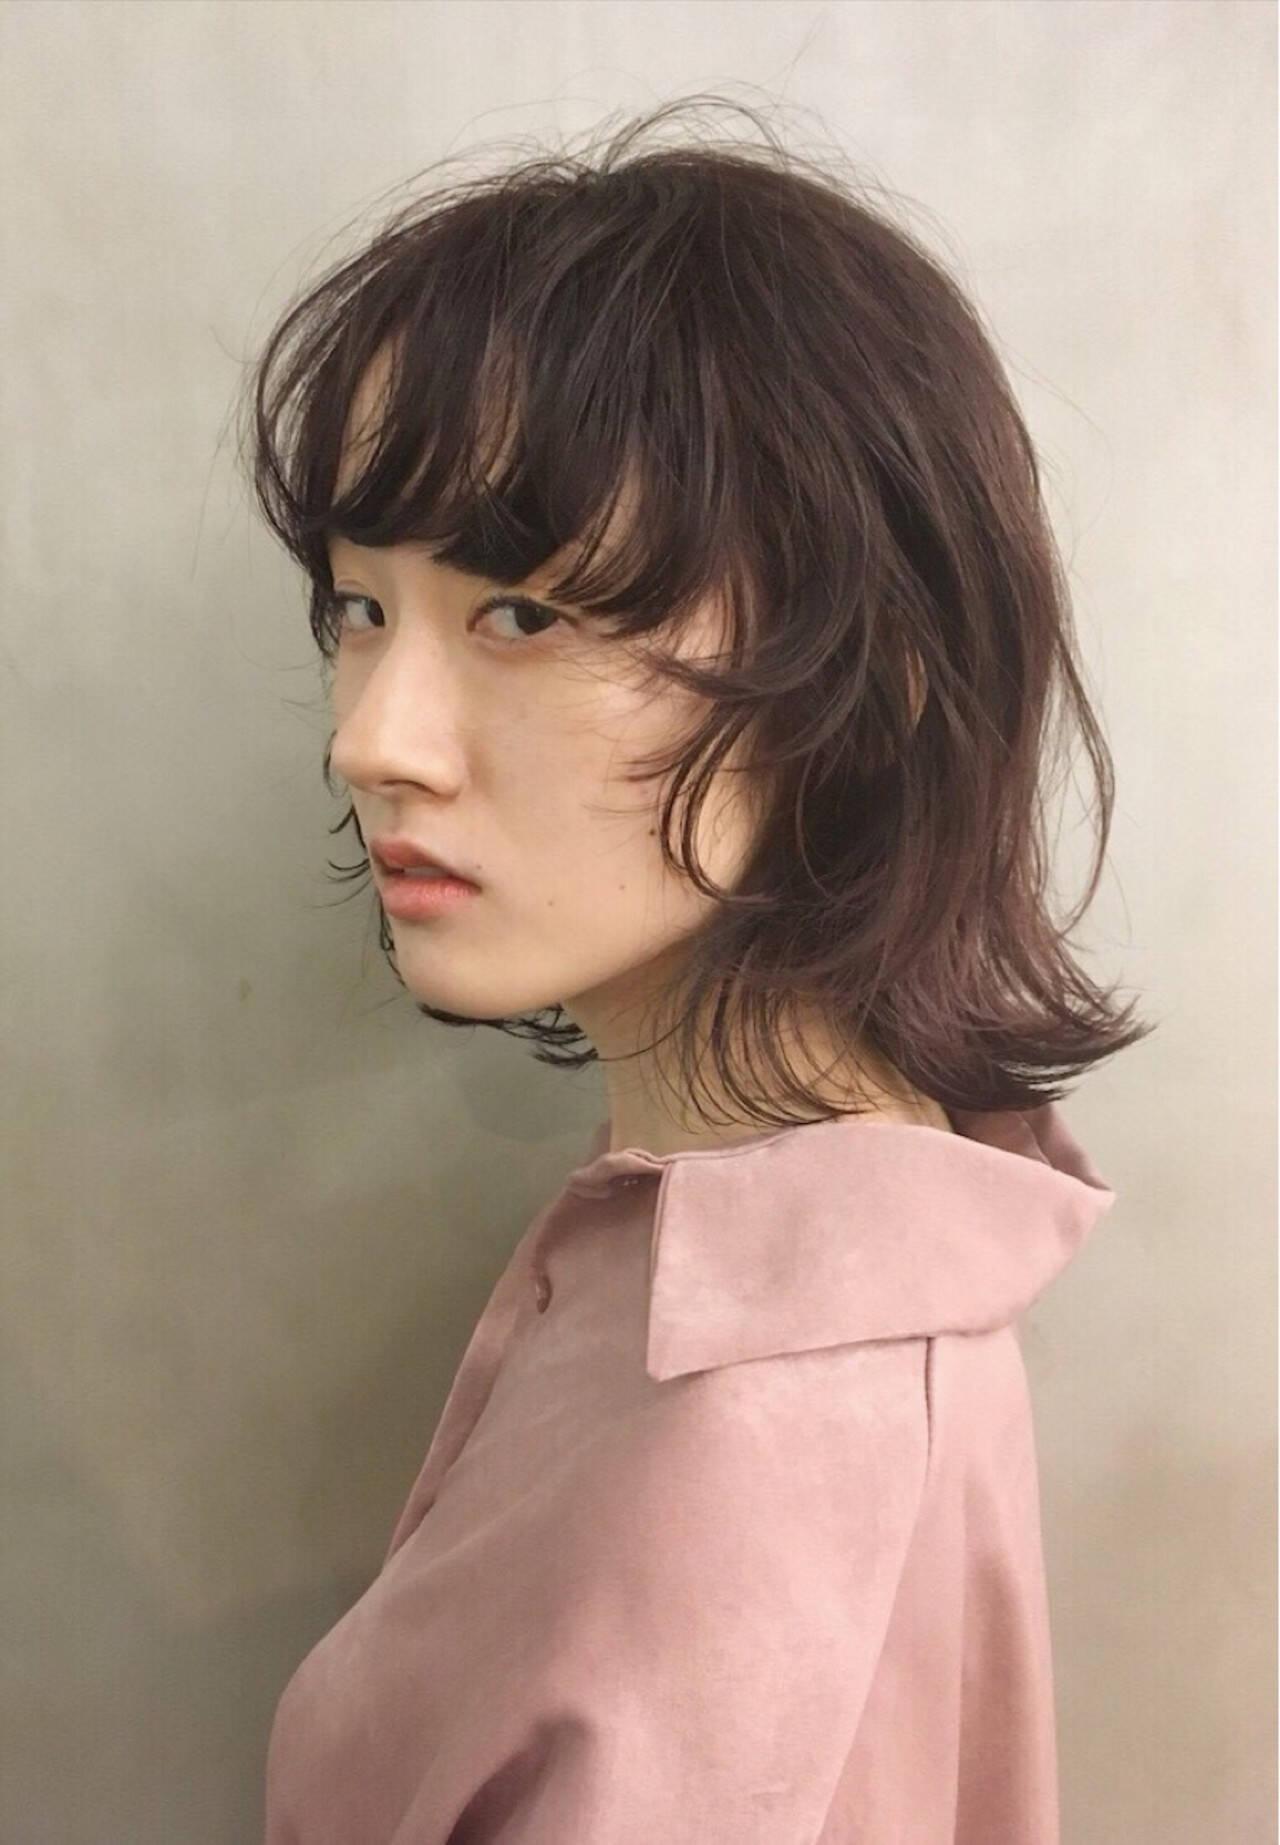 透明感 モード マッシュ ウルフカットヘアスタイルや髪型の写真・画像